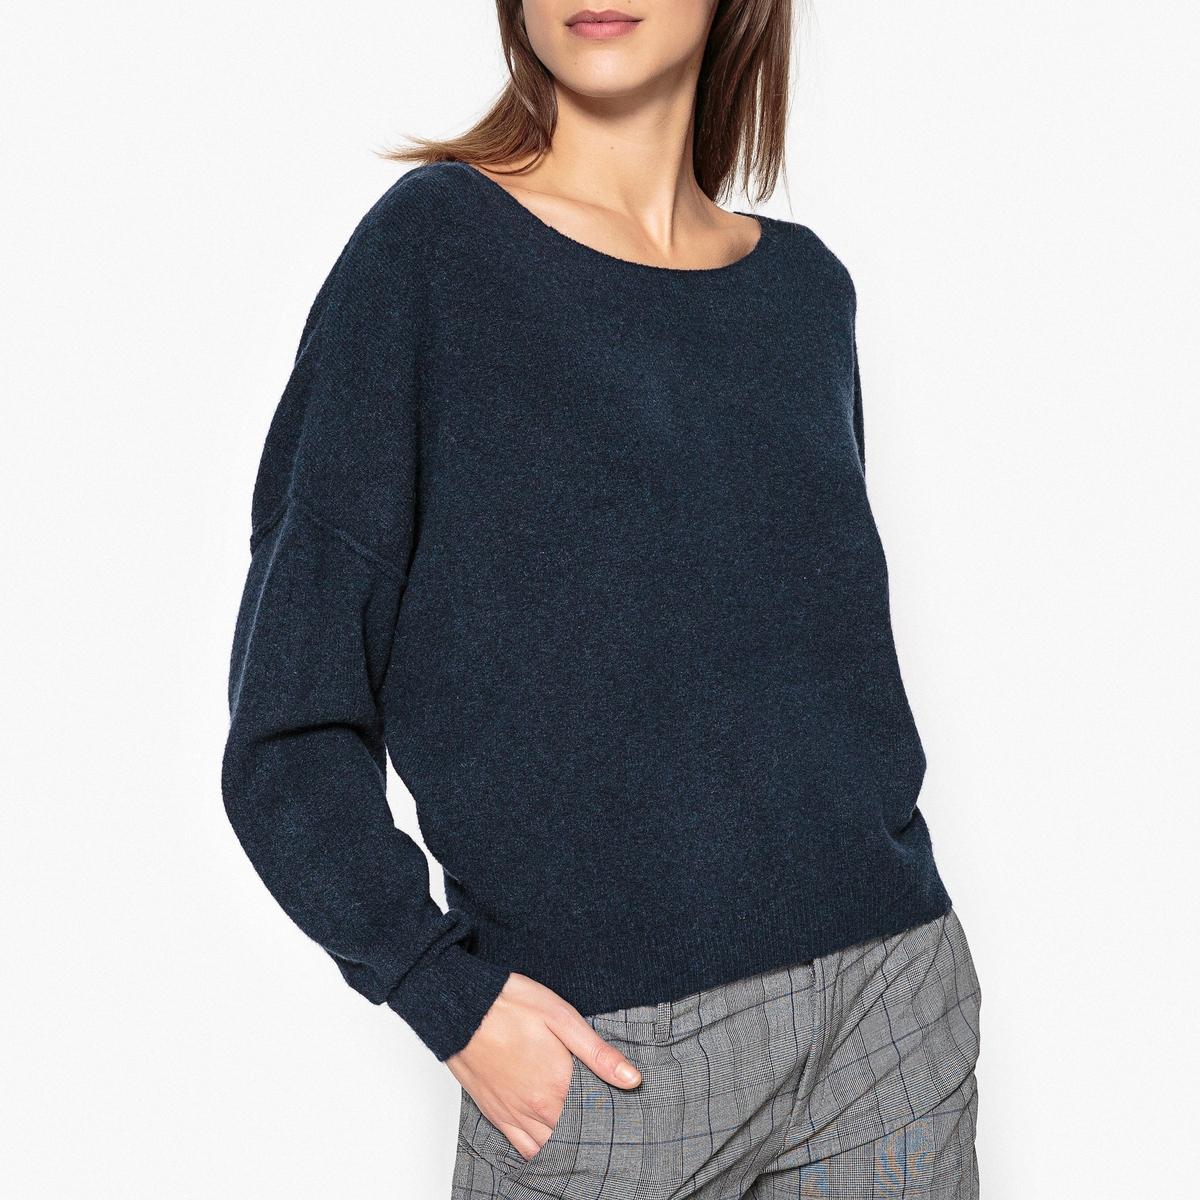 Пуловер с круглым вырезом из тонкого трикотажа DAMОписание:Пуловер с длинными рукавами AMERICAN VINTAGE - модель DAM. Вырез-лодочка, объемный и короткий покрой . Детали •  Длинные рукава •  Вырез-лодочка •  Тонкий трикотажСостав и уход •  48% полиамида, 32% шерсти, 16% акрила, 4% эластана •  Следуйте рекомендациям по уходу, указанным на этикетке изделия •  Отделка в рубчик   •  Шов посередине сзади<br><br>Цвет: темно-синий<br>Размер: XS/S